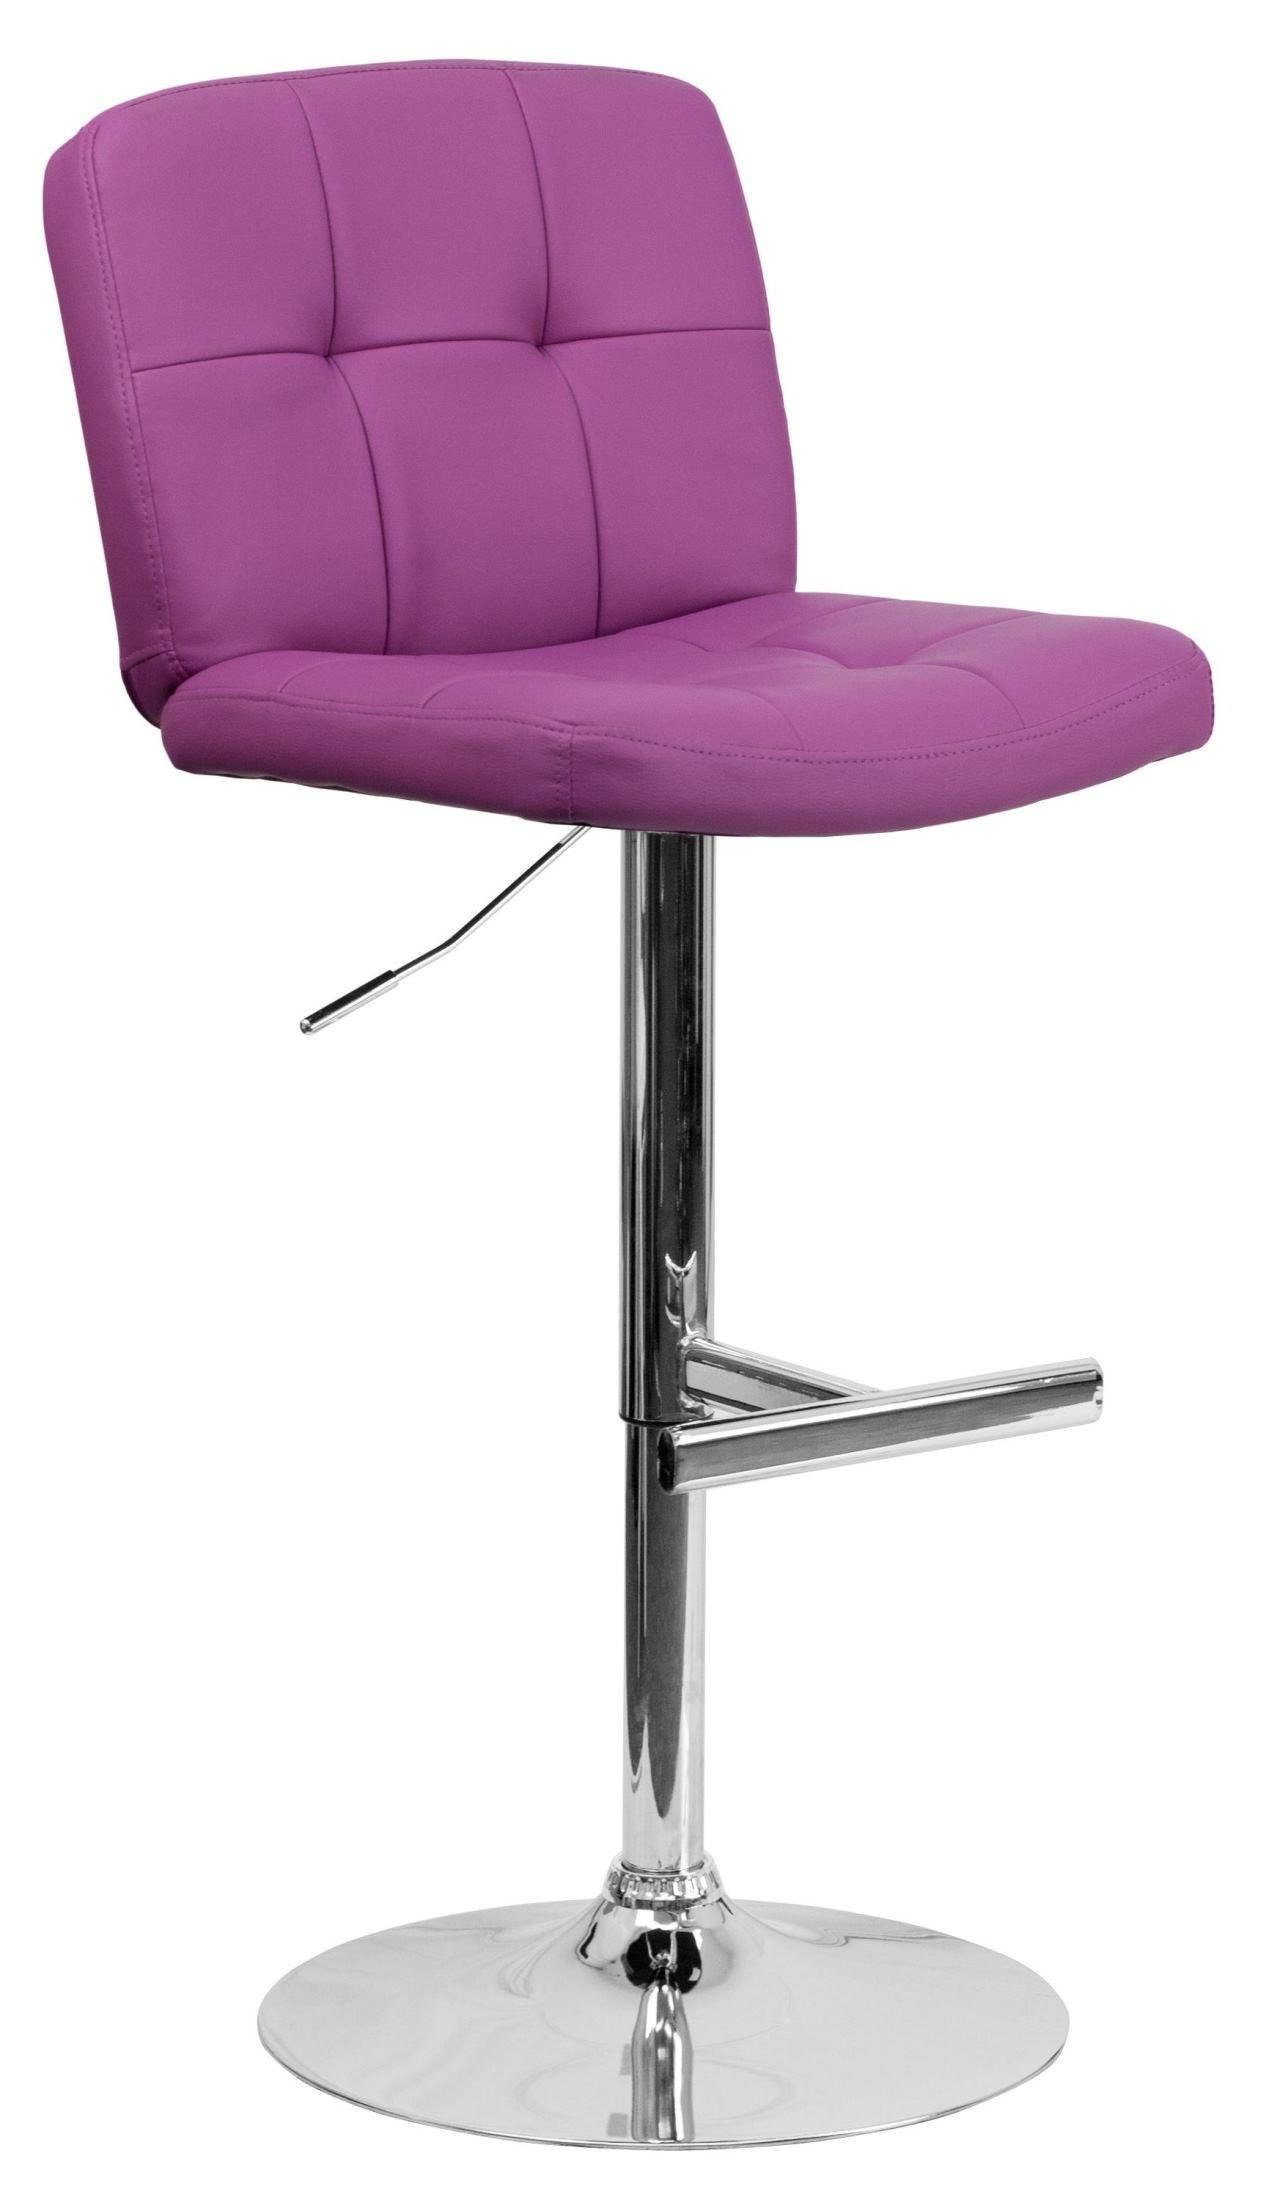 Tufted purple vinyl adjustable height bar stool from for Adjustable height bar stools